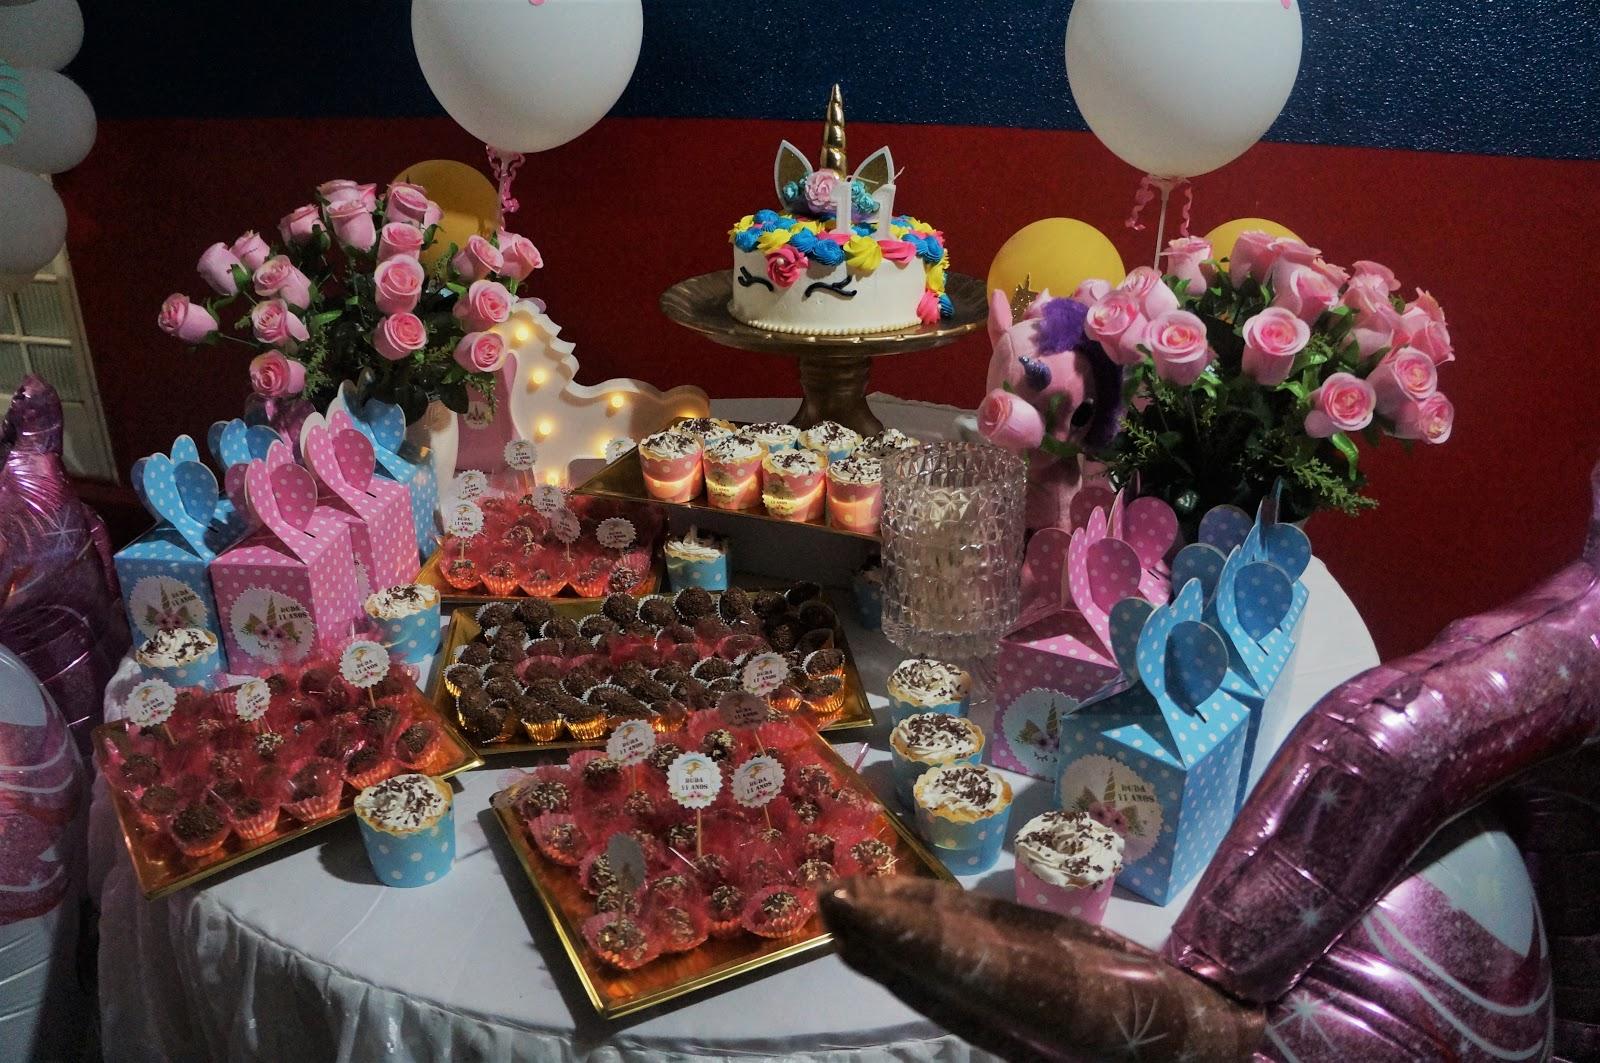 Festa de Aniversário 11 anos com tema Unicórneo